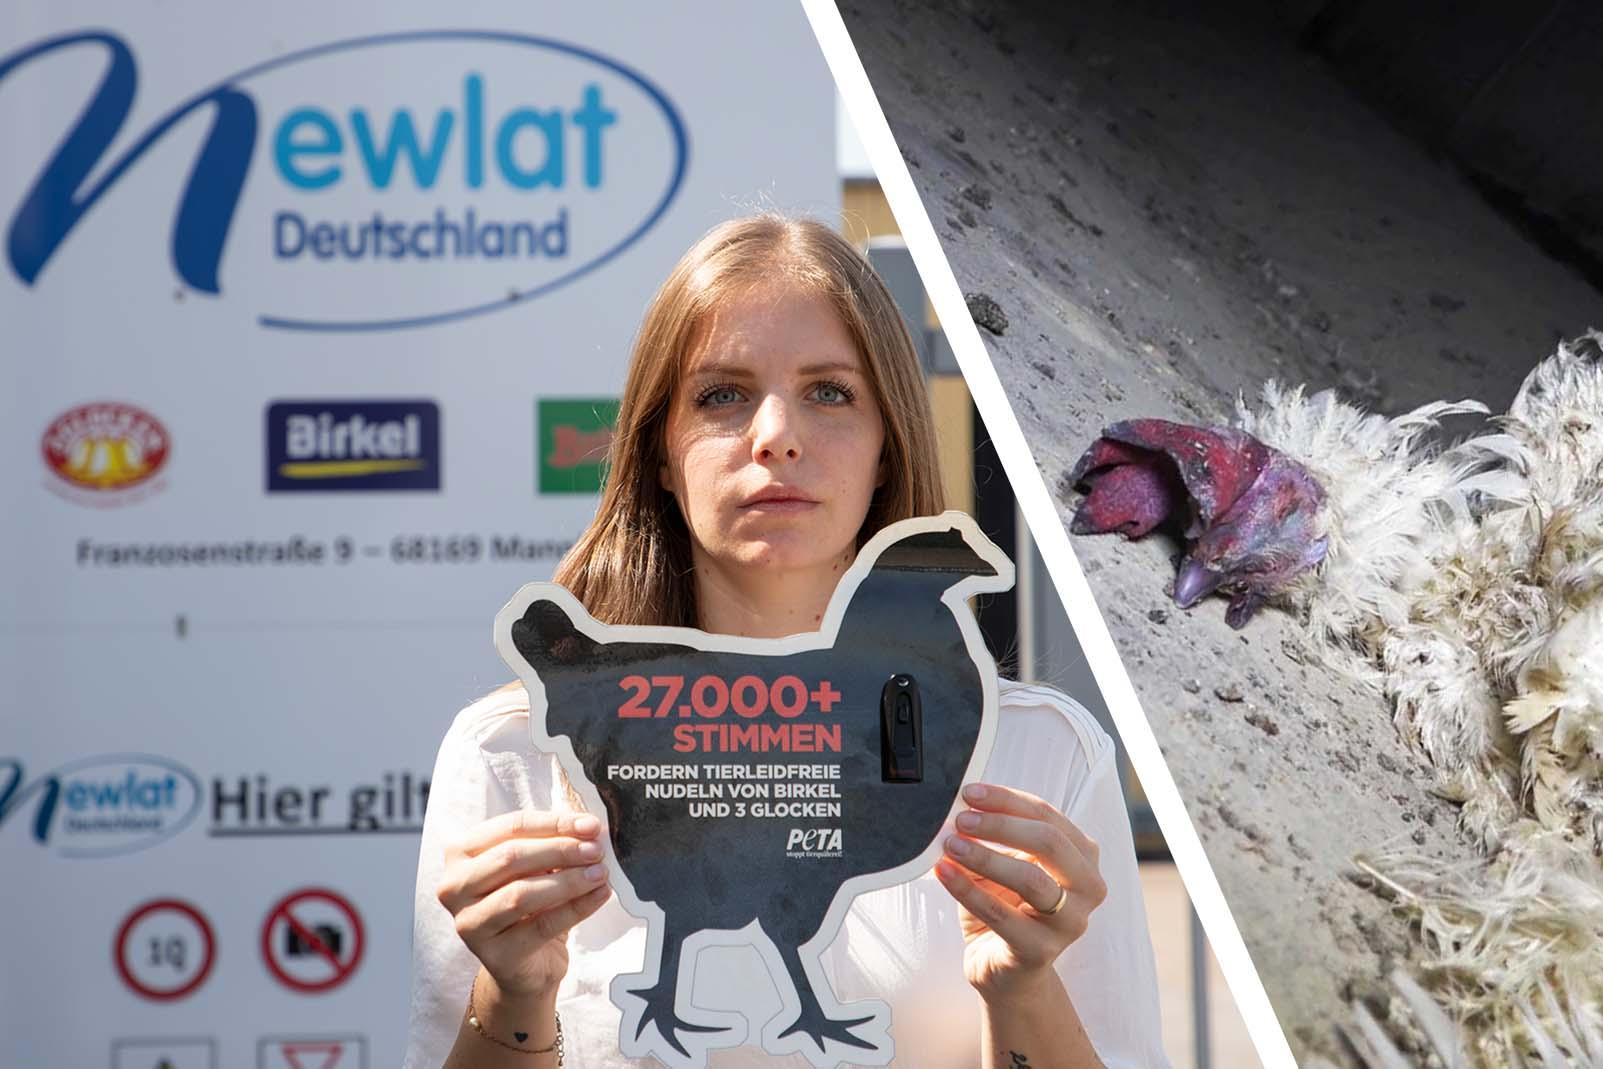 Über 27.000 Stimmen für die Tiere! Doch Birkel verweigert die Annahme!